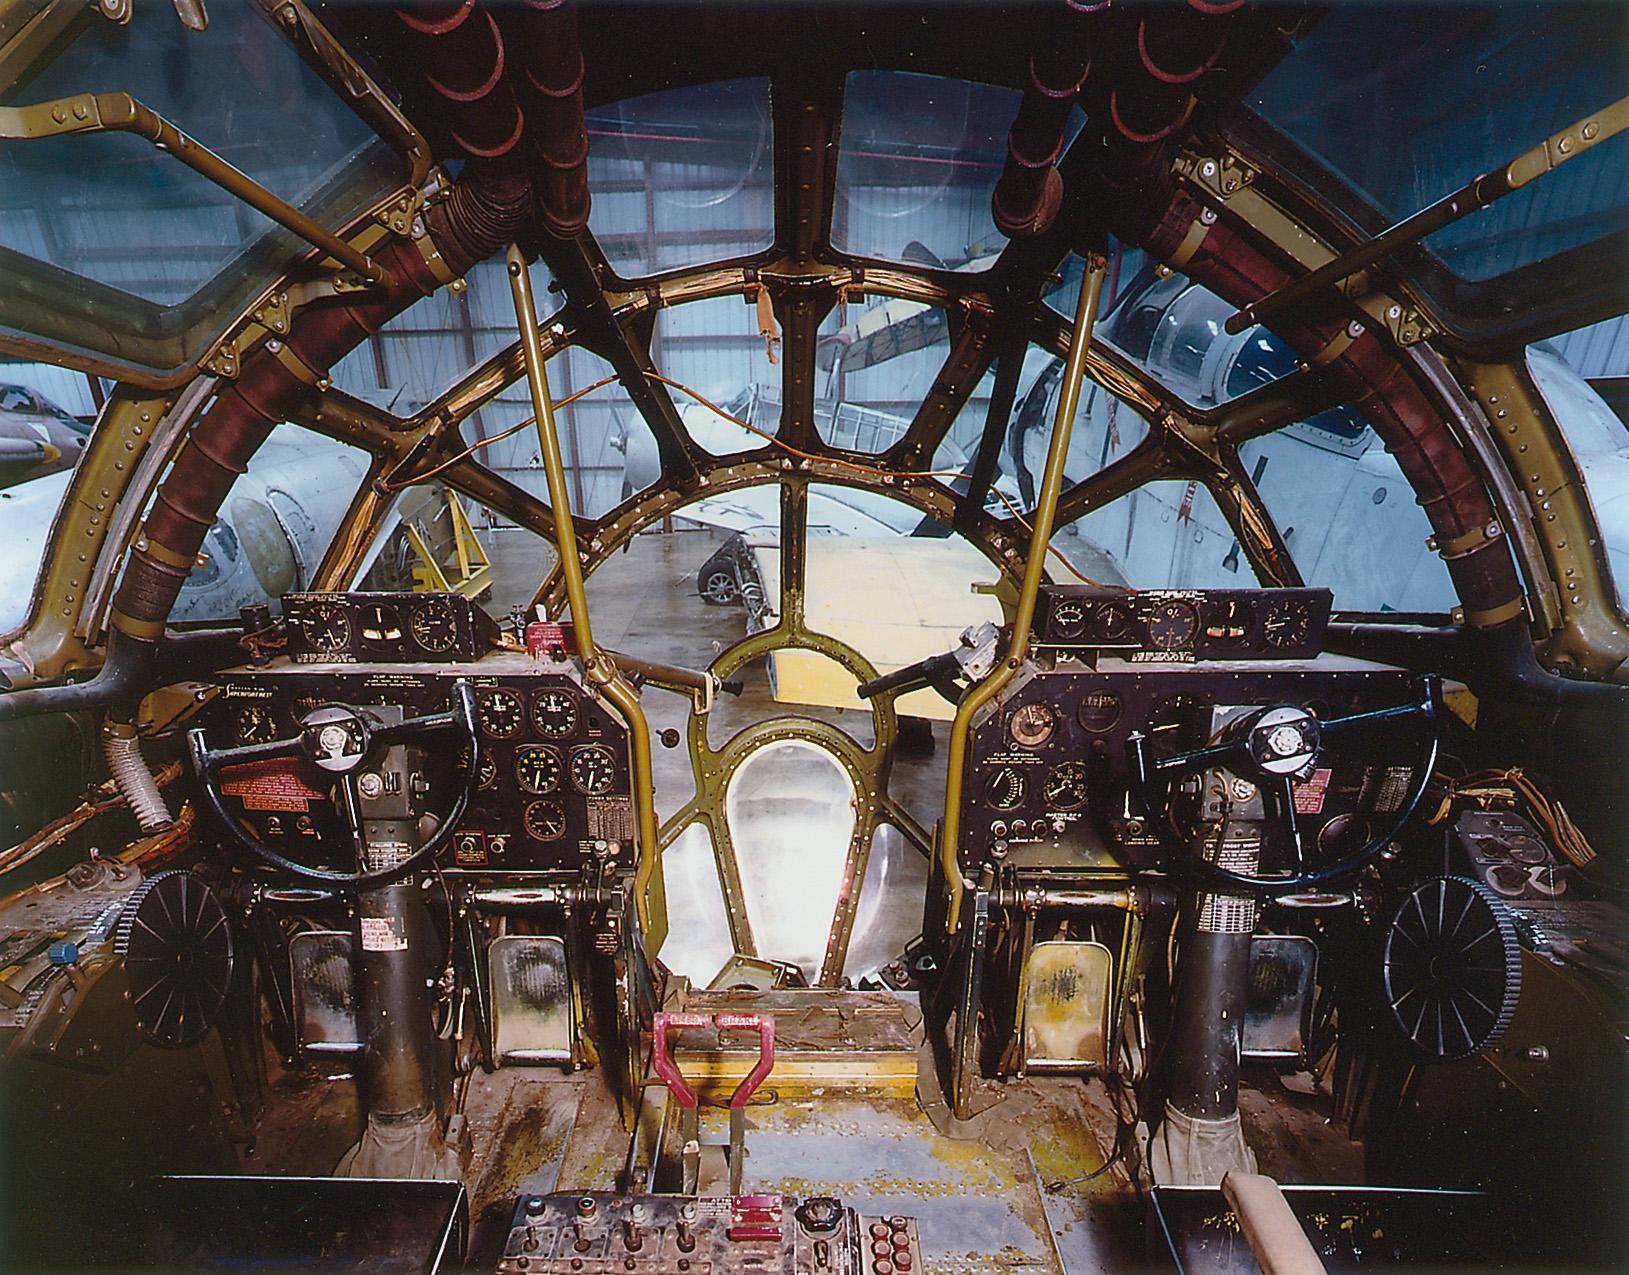 Cockpit of Boeing B-29 Superfortress <em>Enola Gay</em>